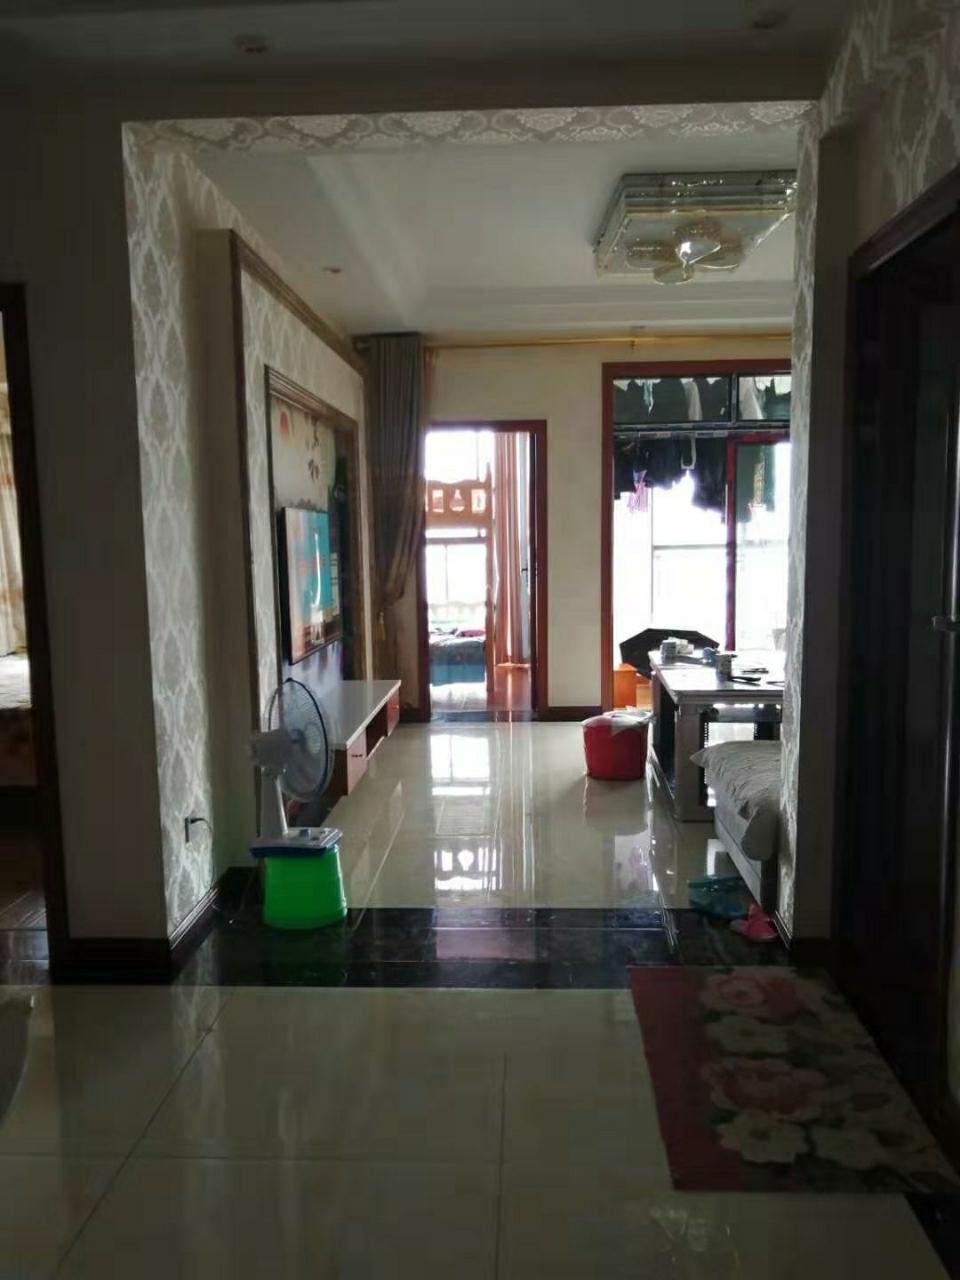 晋鹏·山台山3室 2厅 1卫